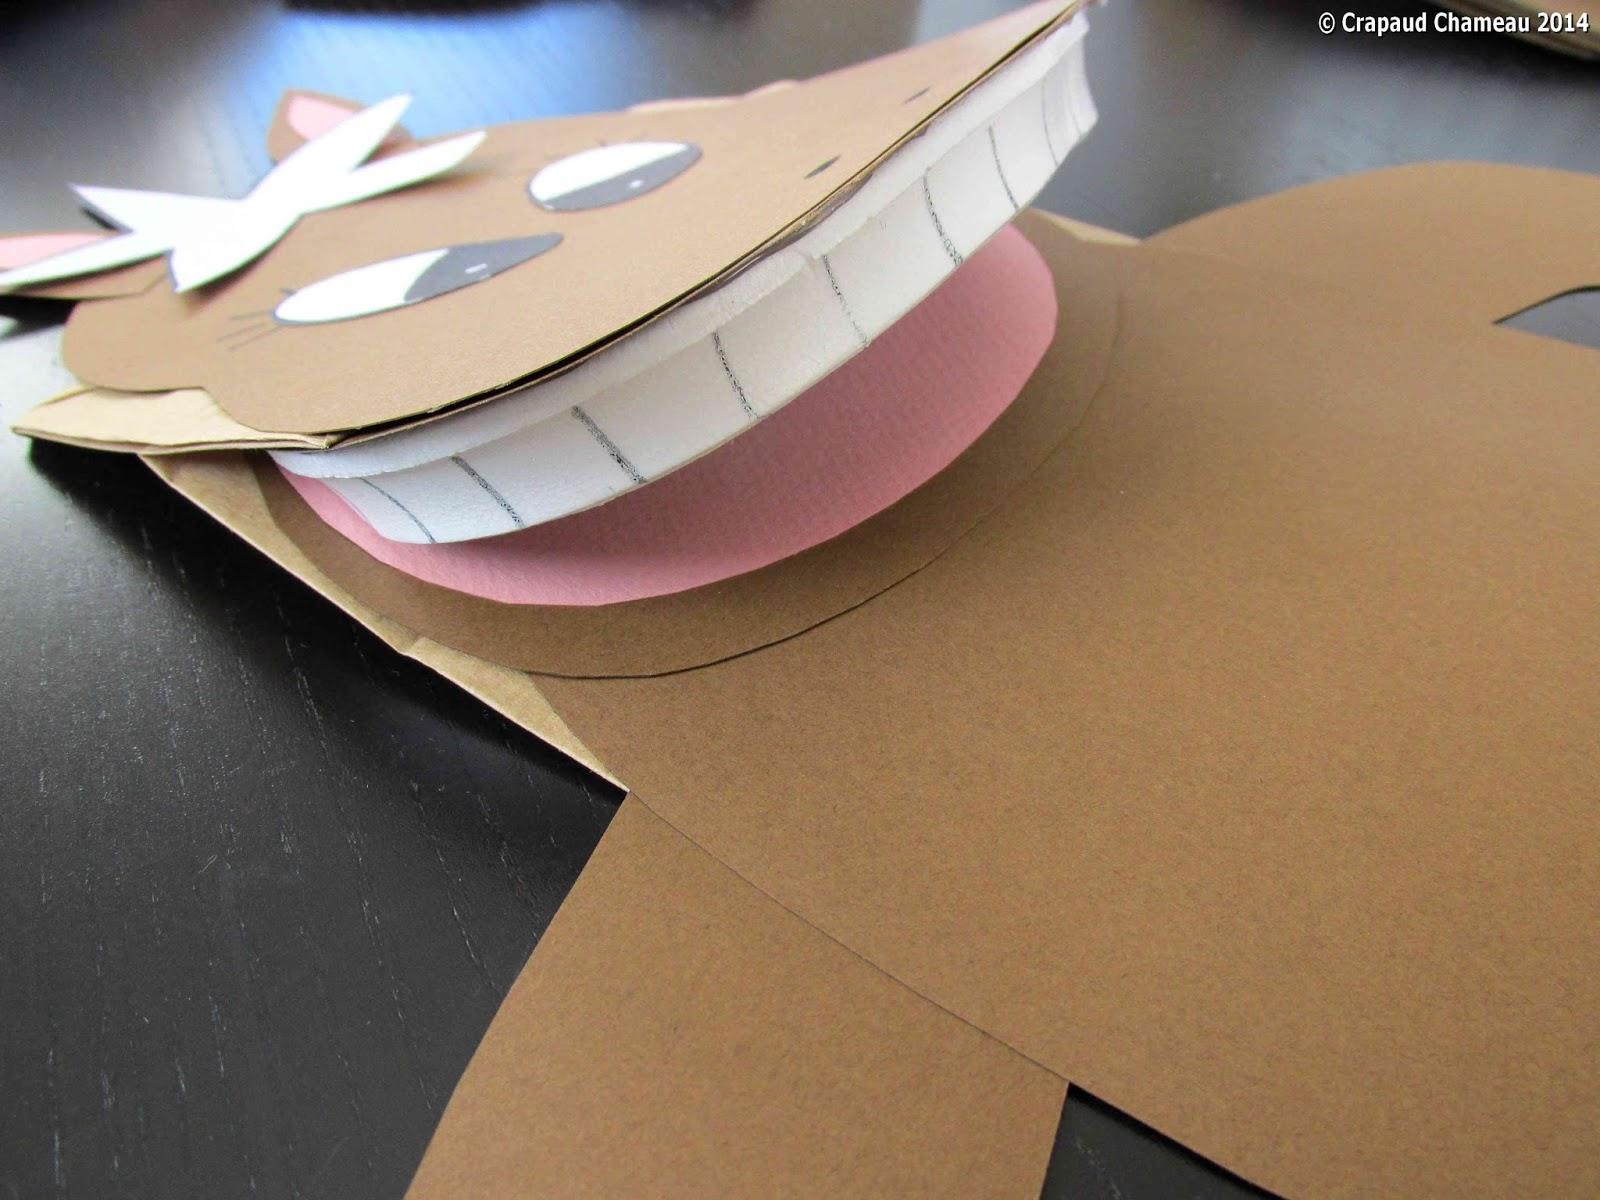 Fabriquer une marionnette main crapaud chameau - Fabriquer une marionnette articulee ...